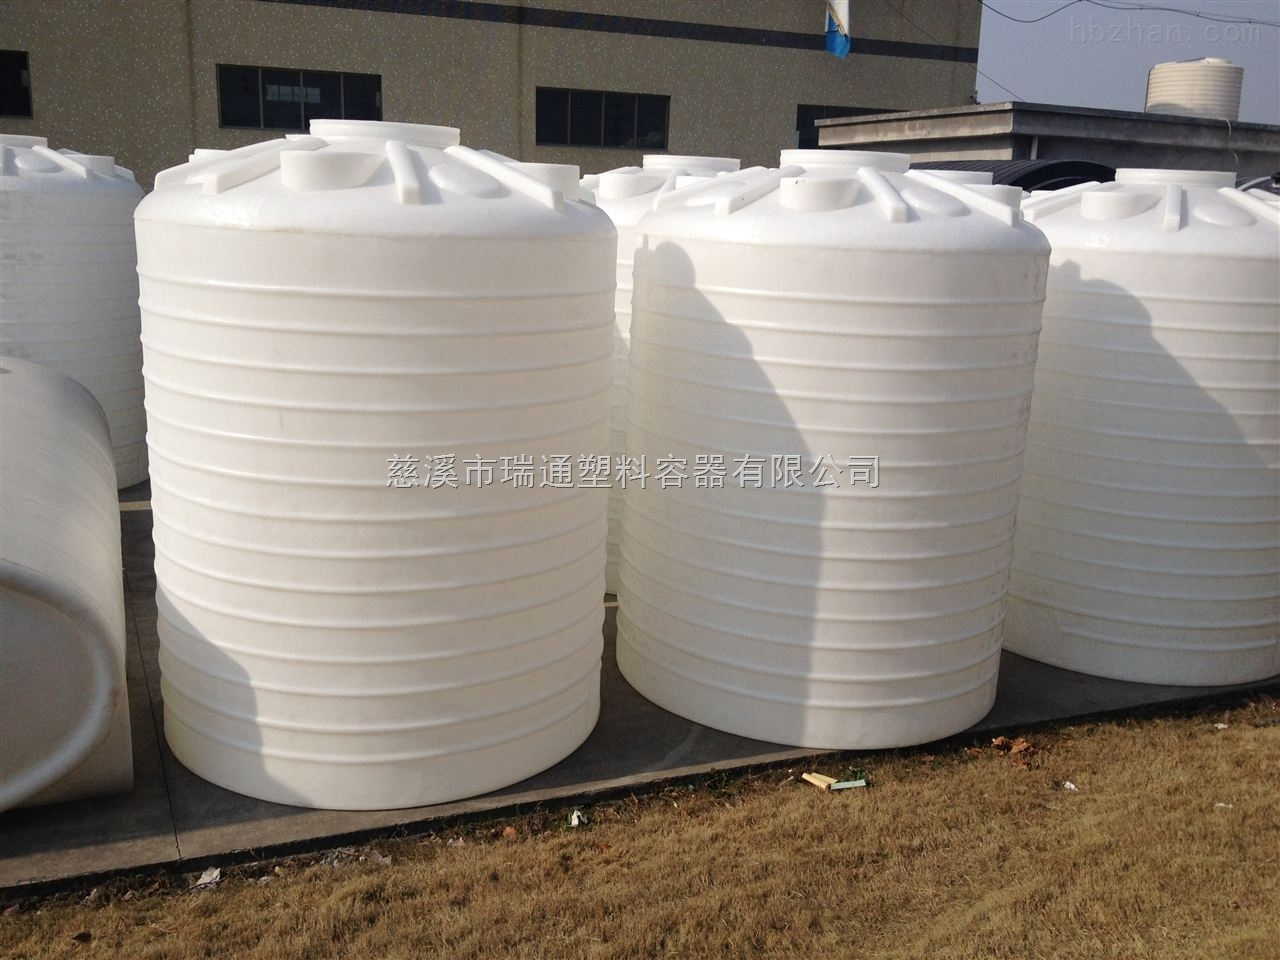 15吨聚乙烯水箱价格